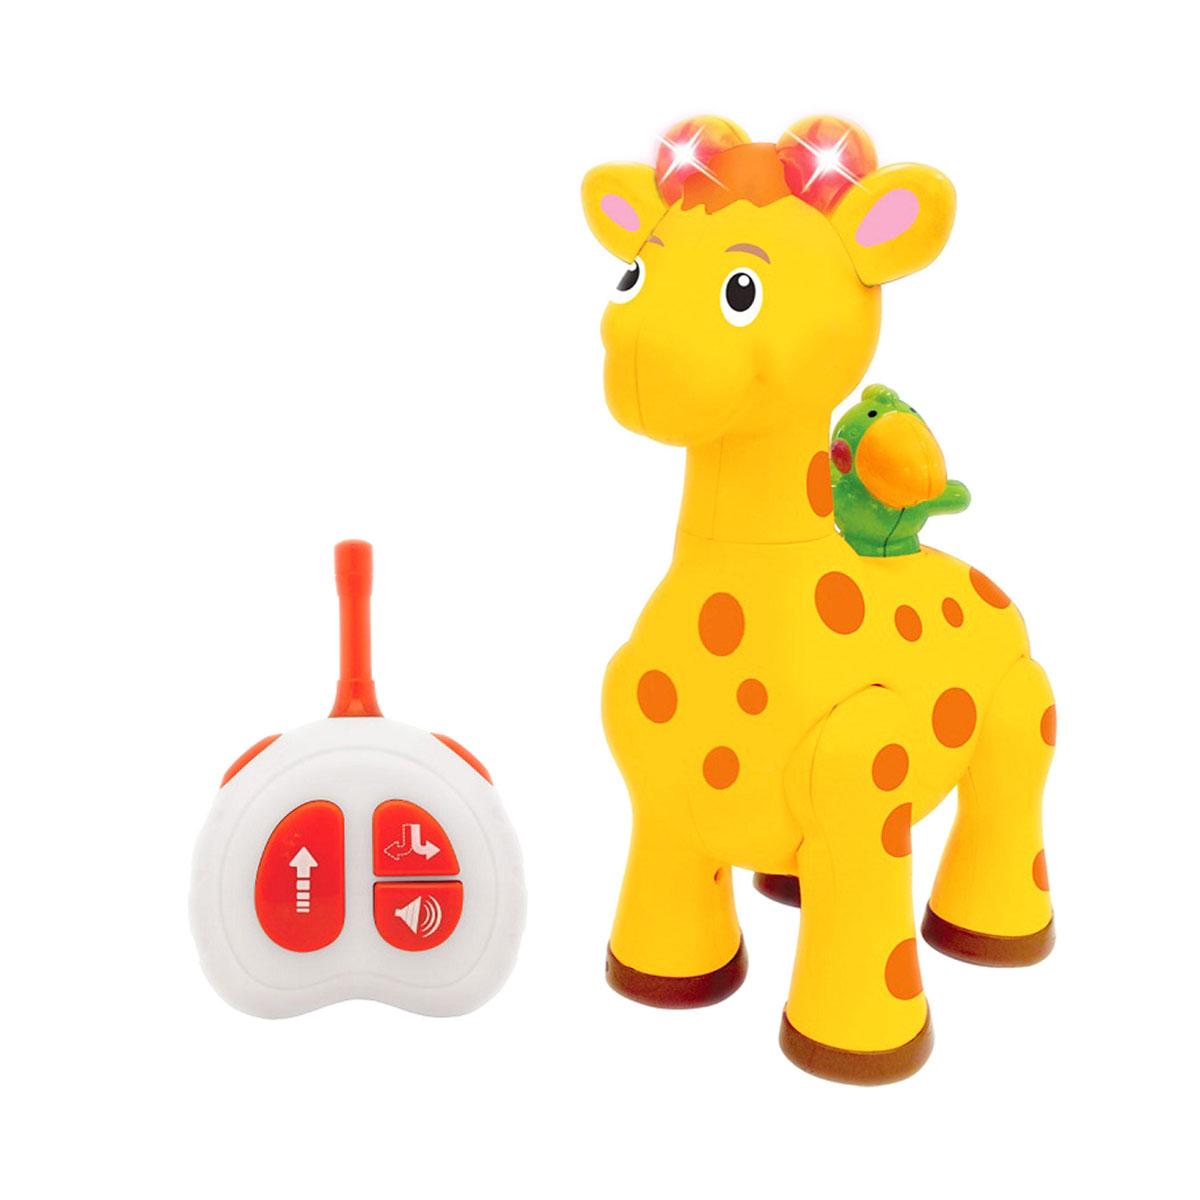 Развивающая игрушка Жираф с пультом управленияРазвивающие игрушки KIDDIELAND<br>Развивающая игрушка Жираф с пультом управления<br>